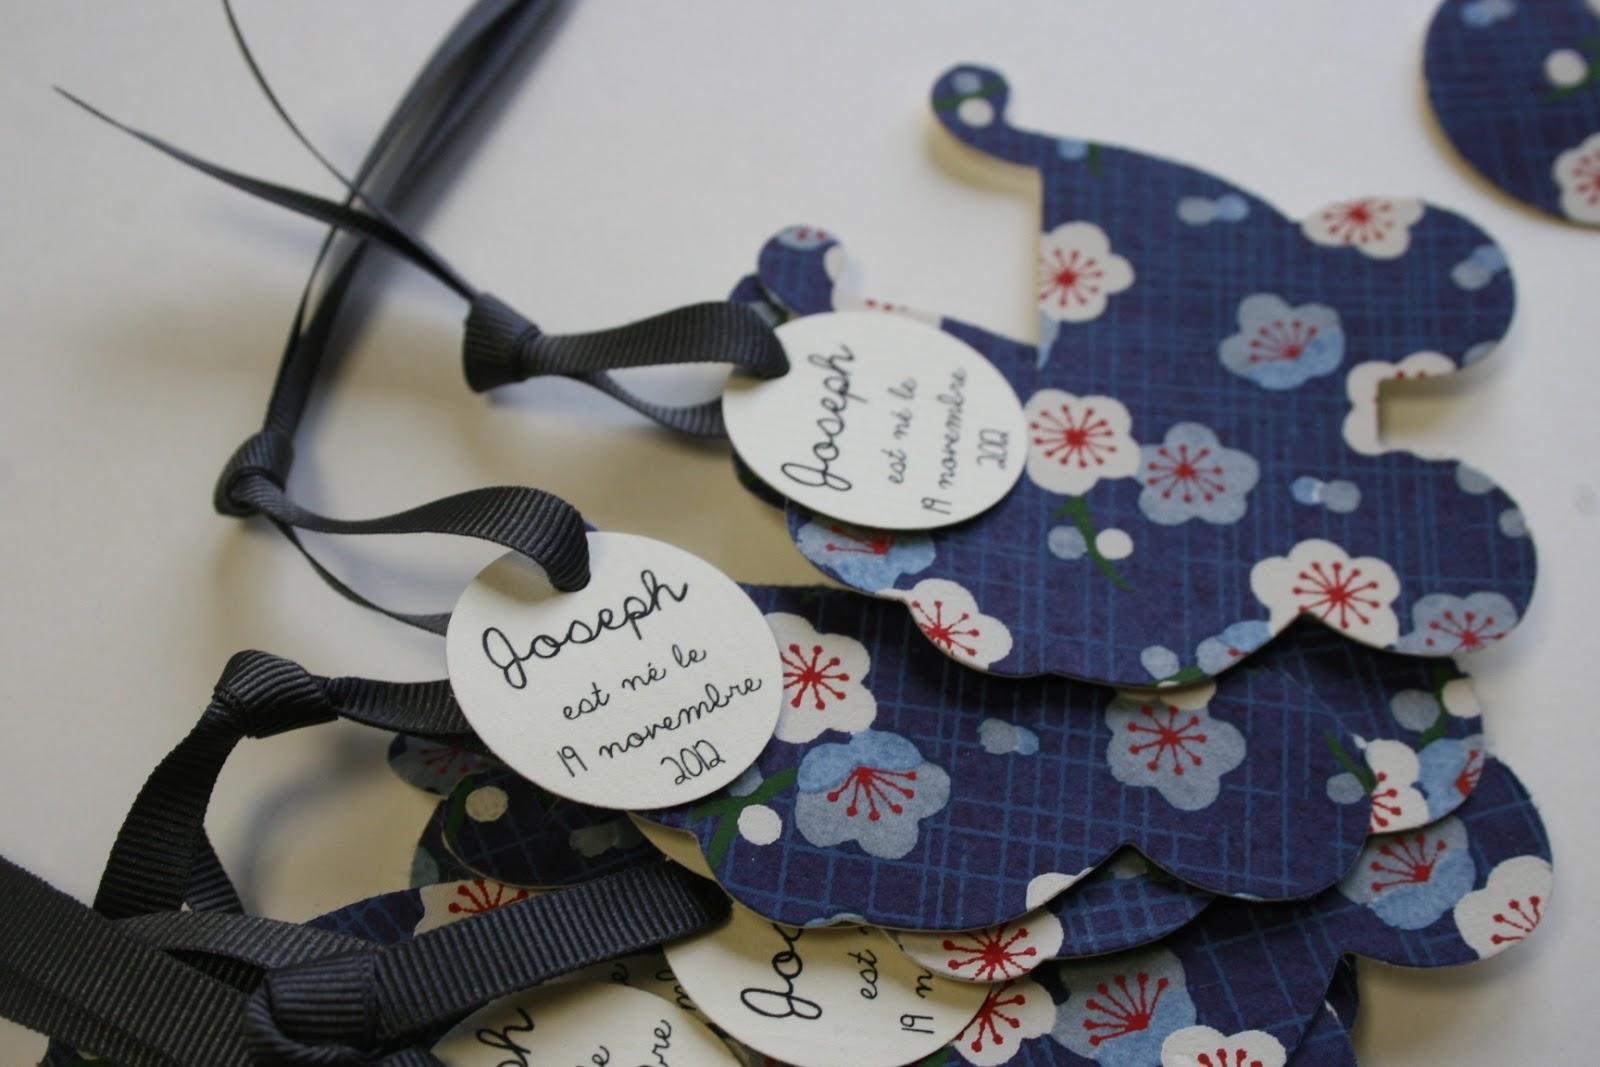 Extrêmement Fleur de pommier dans son atelier: Faire part de naissance esprit  MH32